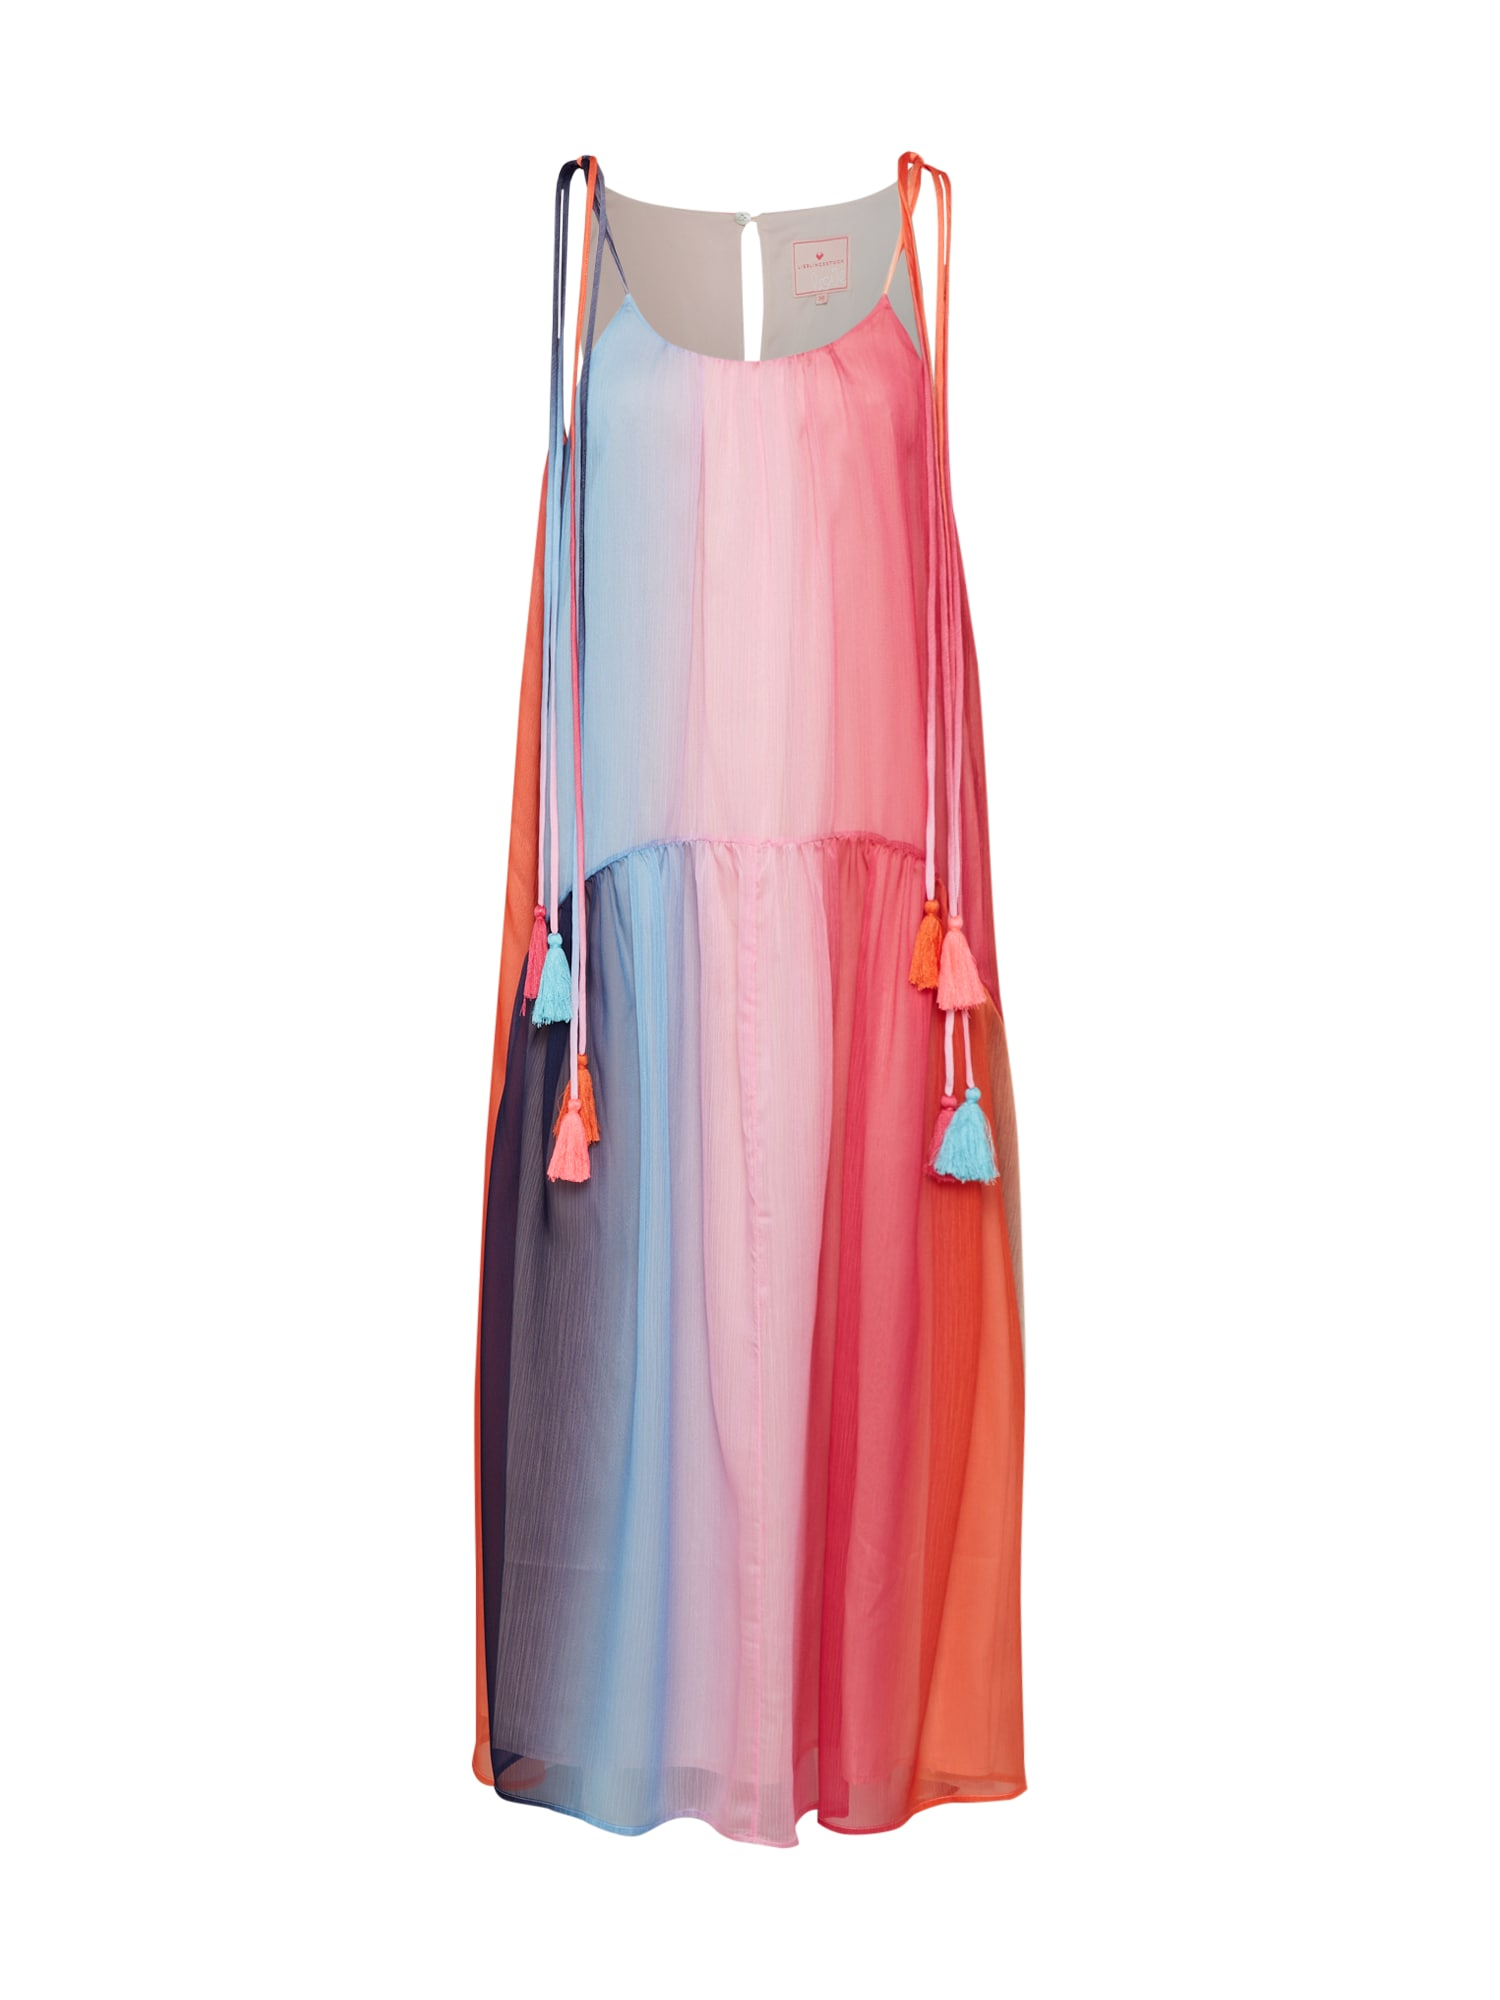 Letní šaty RosalynnK mix barev LIEBLINGSSTÜCK